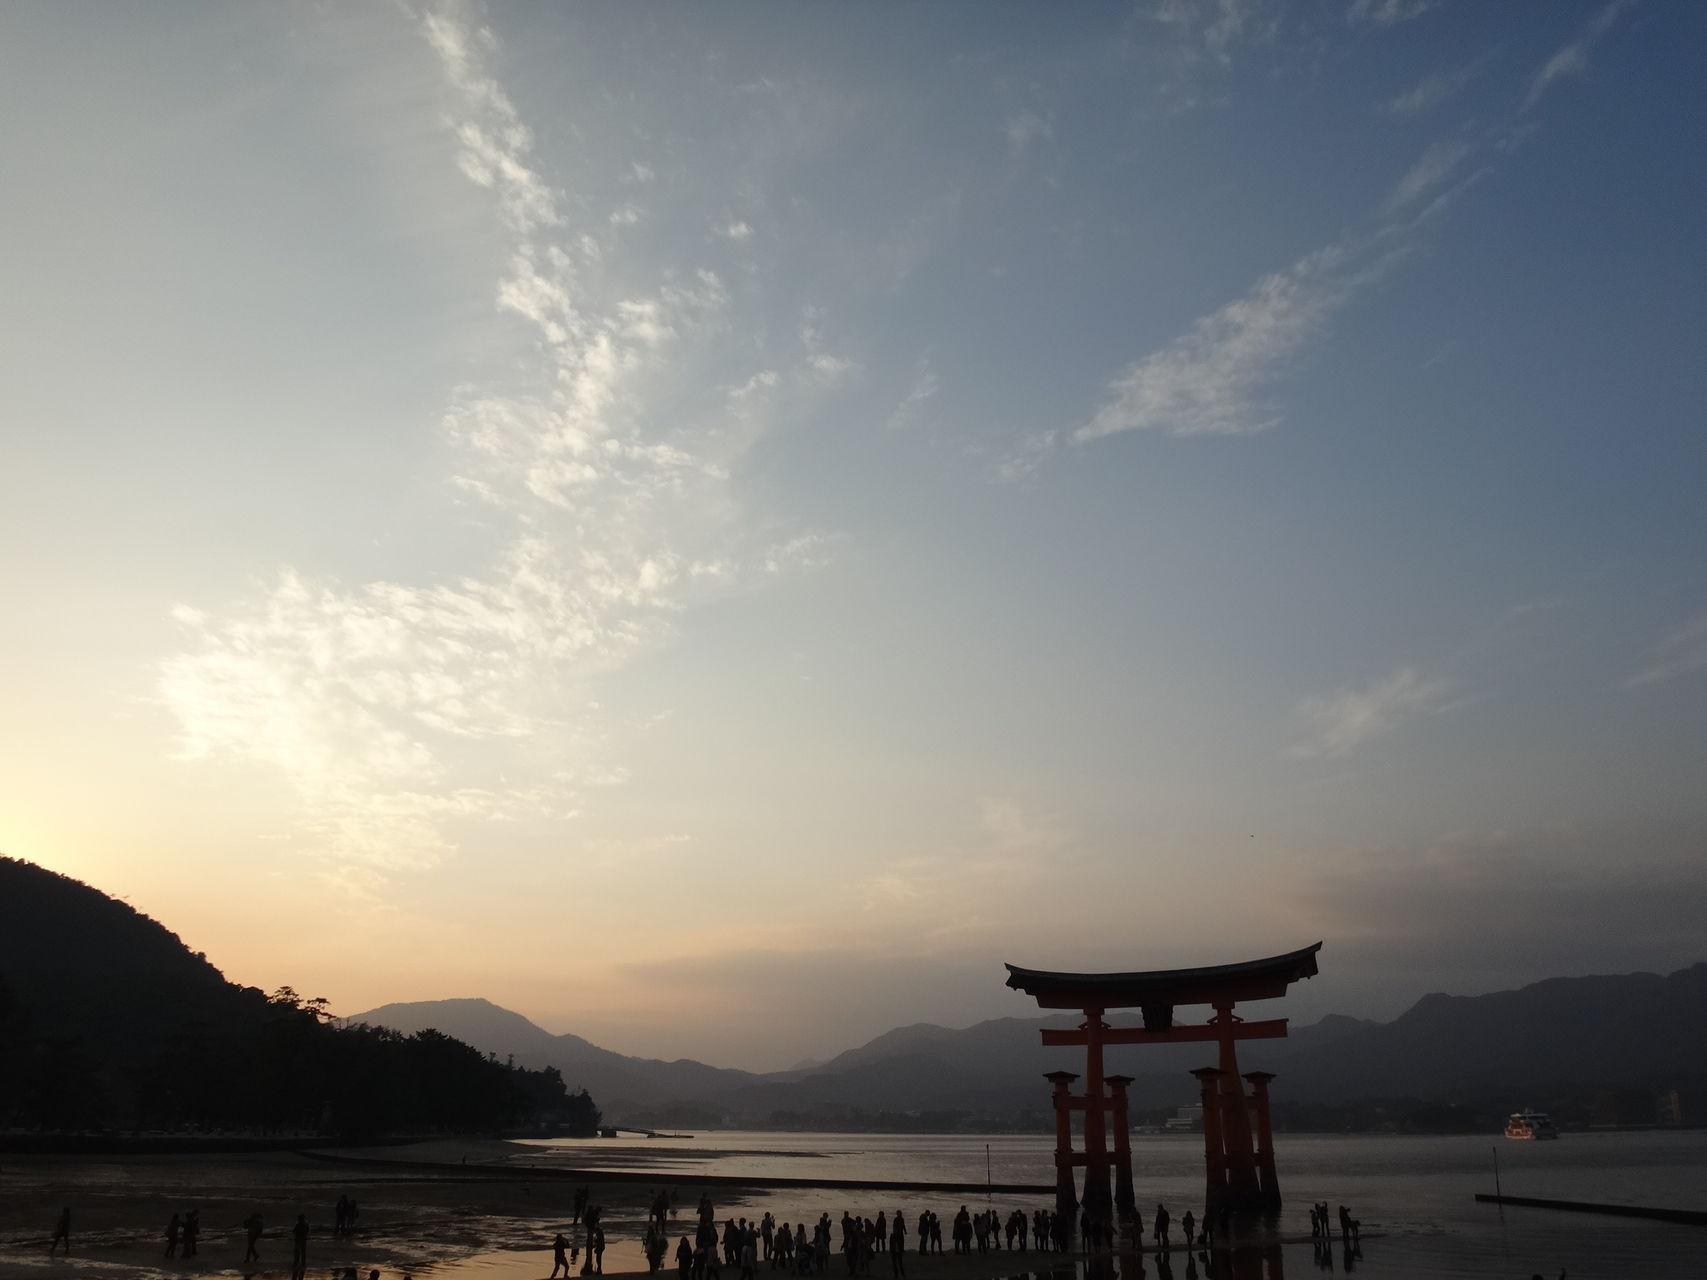 広島県で転職したい看護師におすすめのサイト3選!平均年収を参考にしよう。